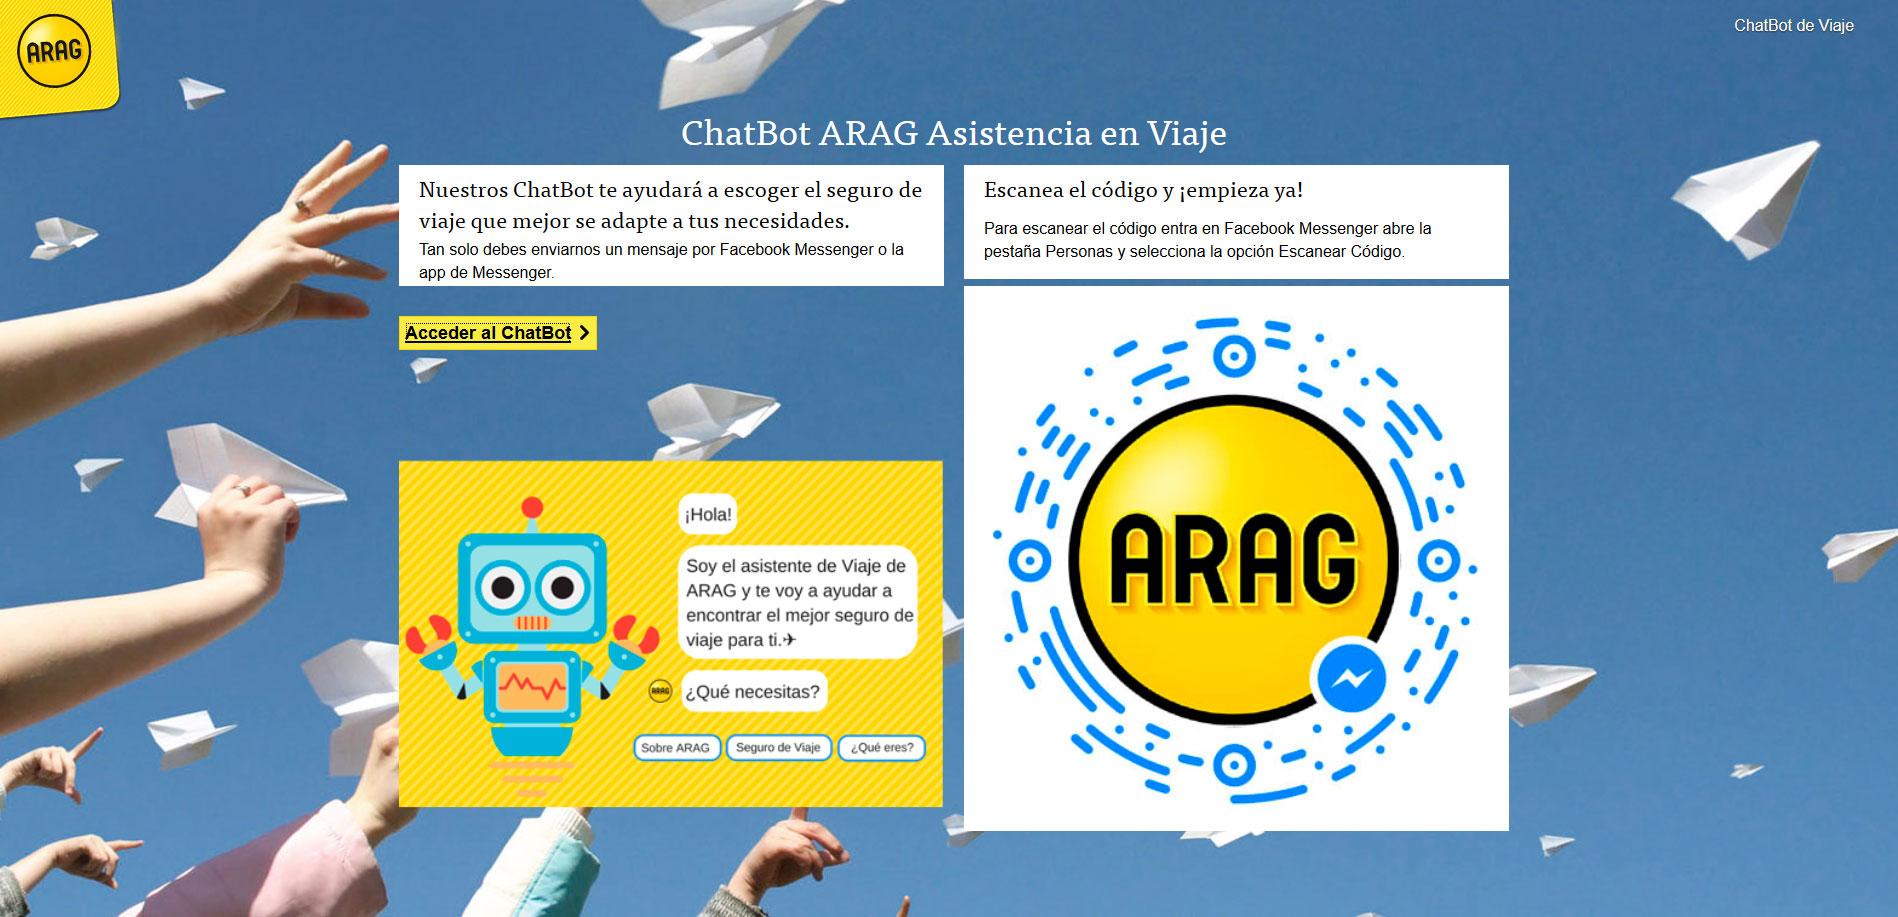 Chatbot Arag